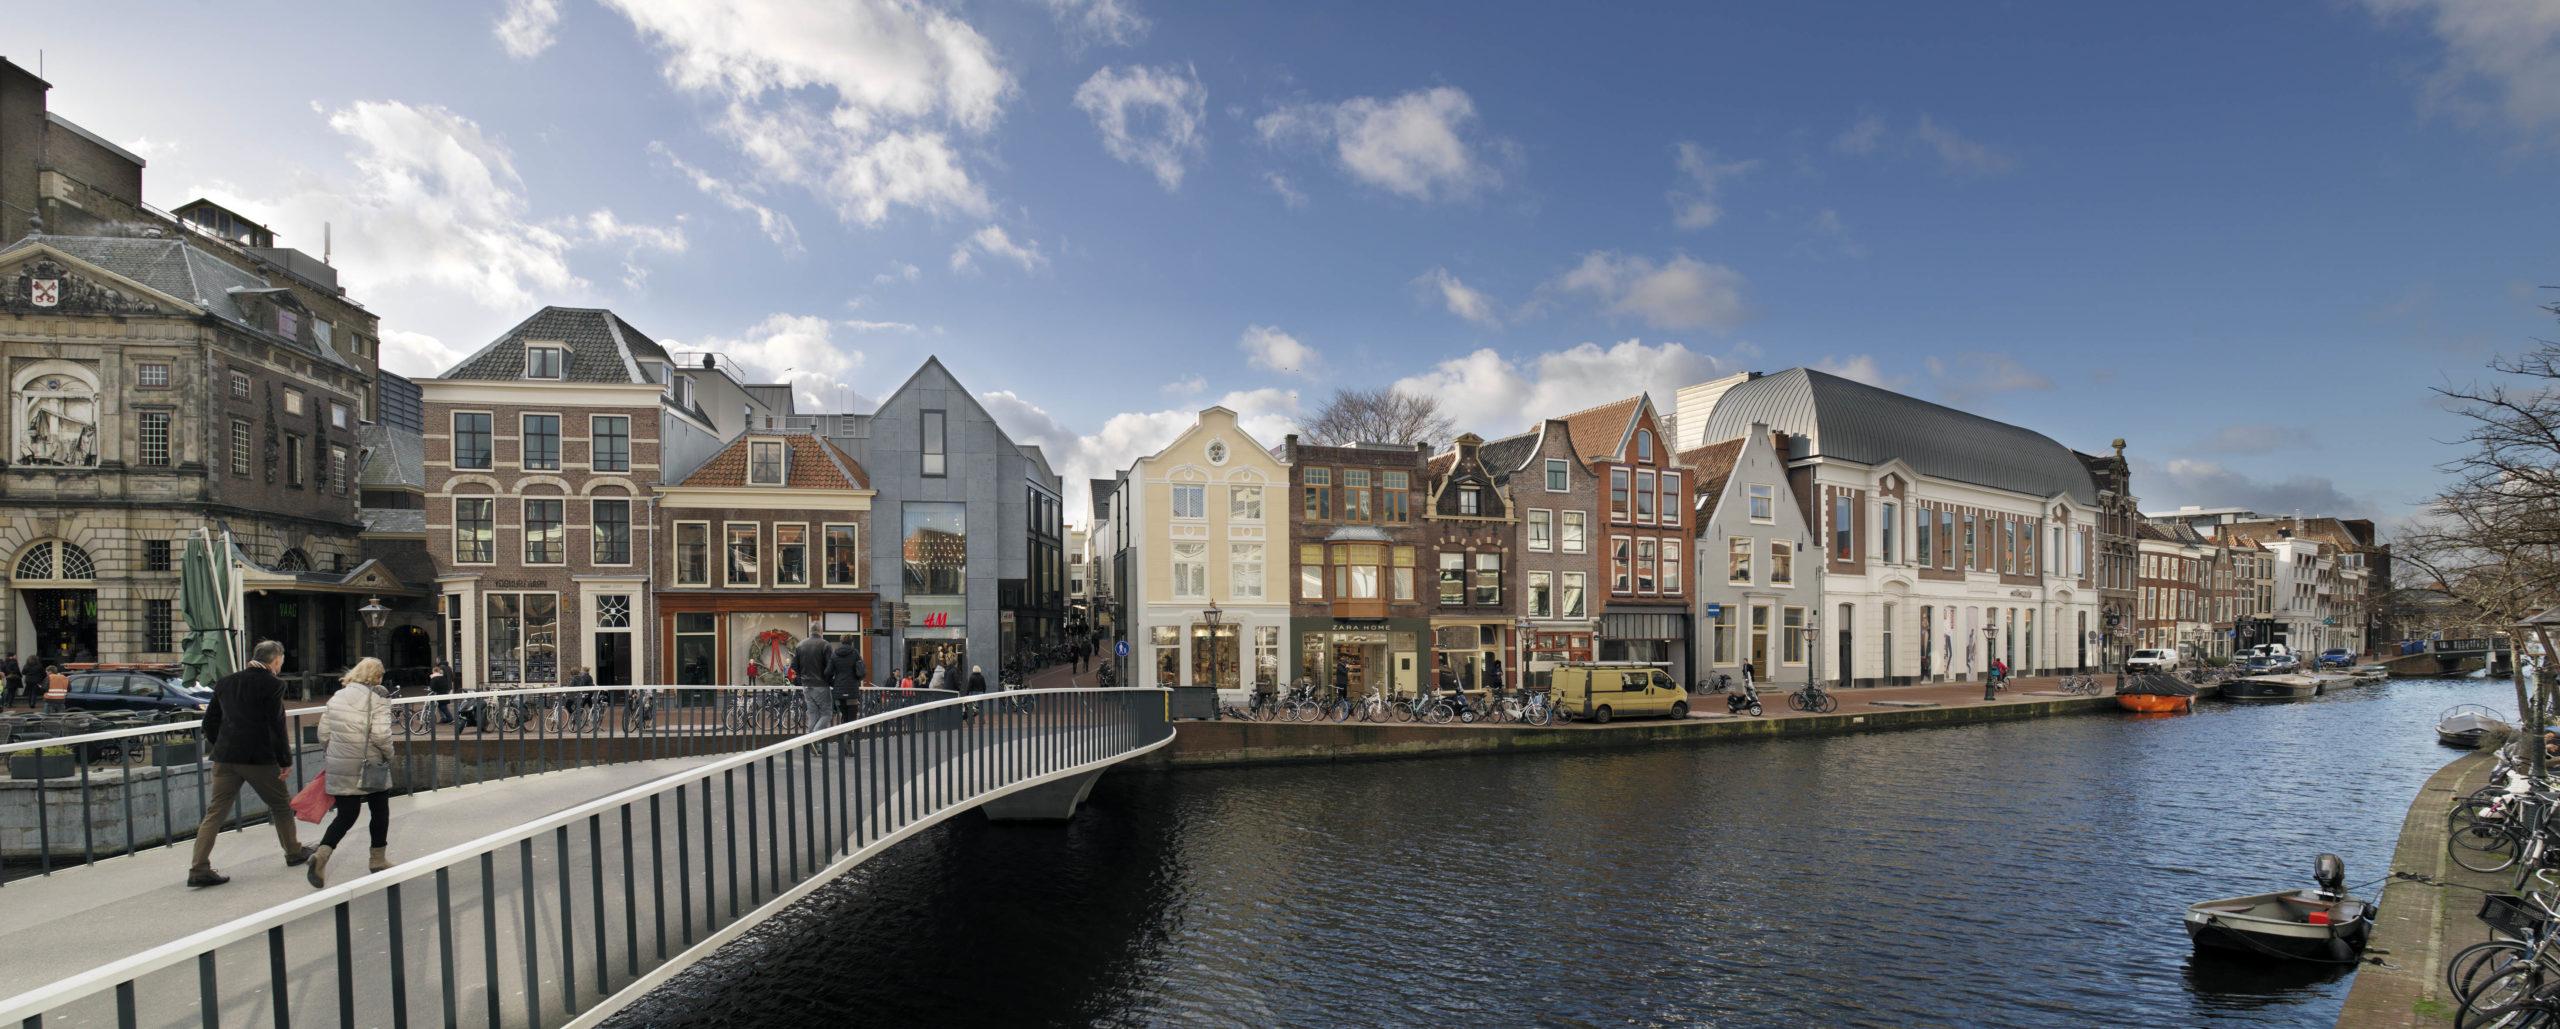 Catharinasteeg Aalmarkt Leiden 28 12 2017_0161 LR